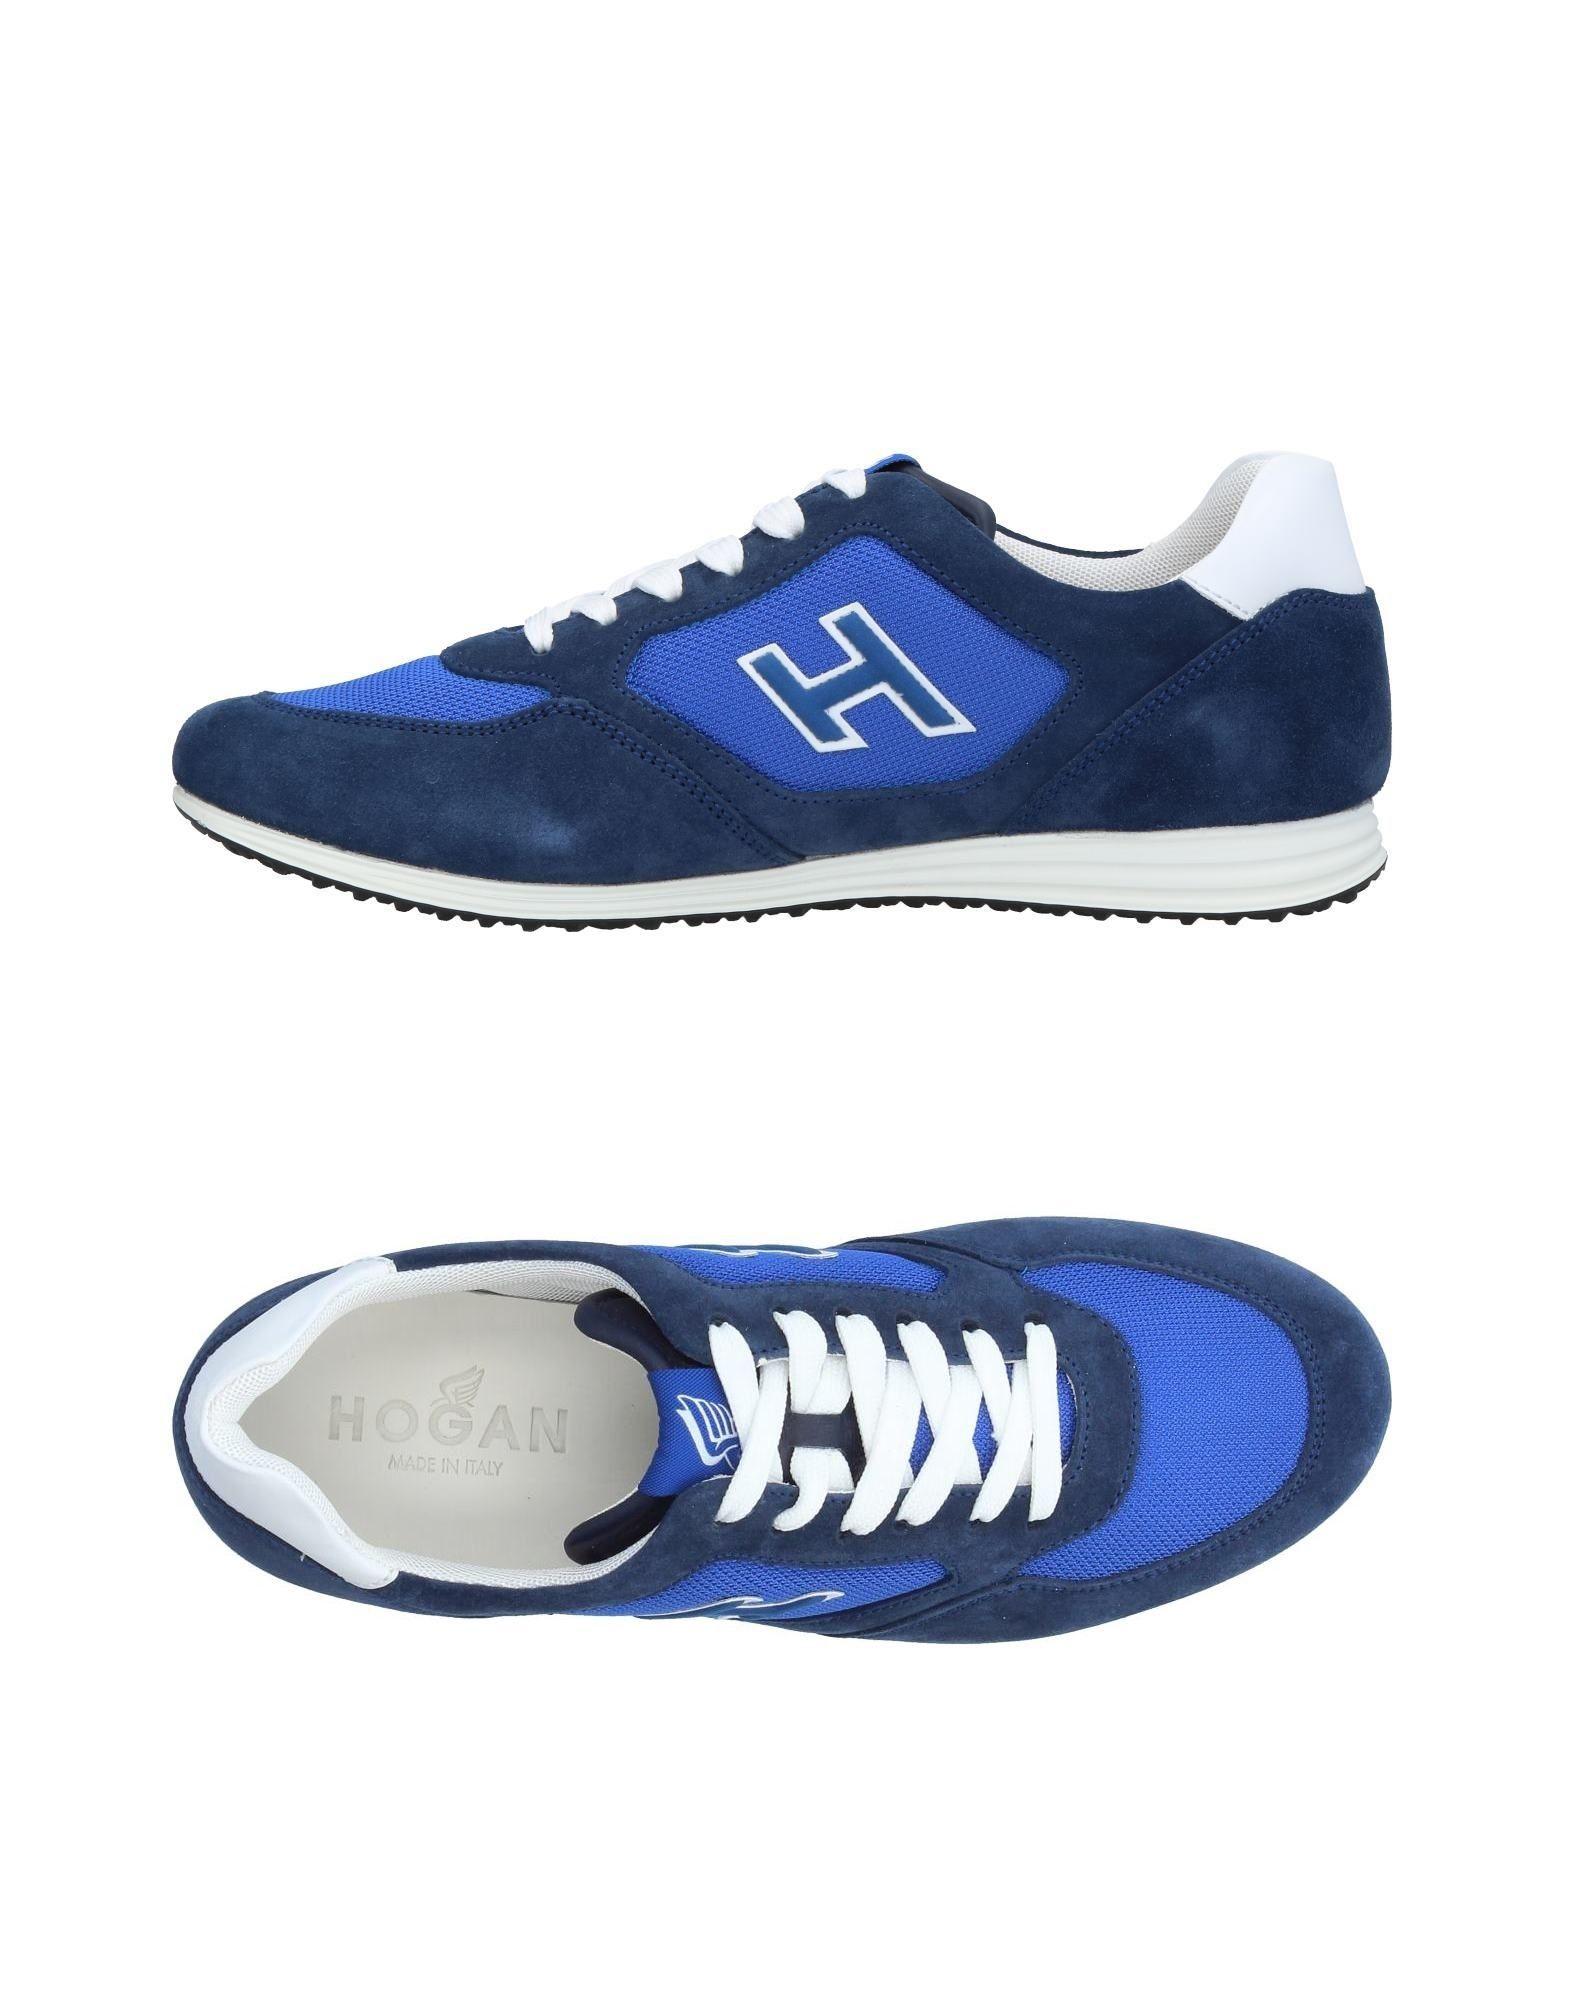 Hogan Sneakers Herren  11397703QT Gute Qualität beliebte Schuhe